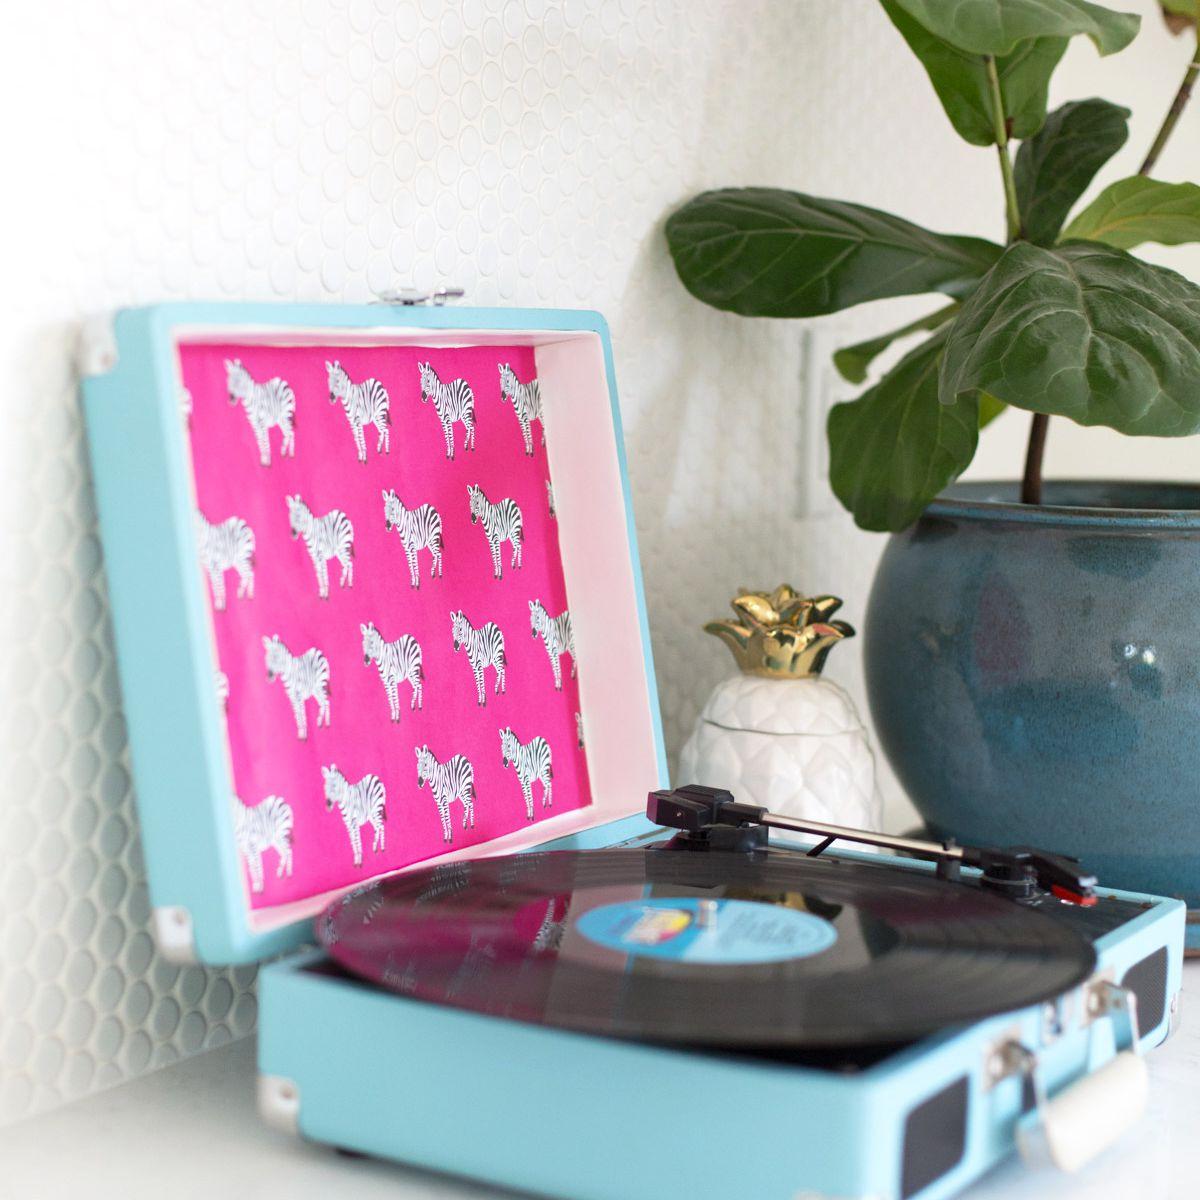 DIY Stylish Record Player